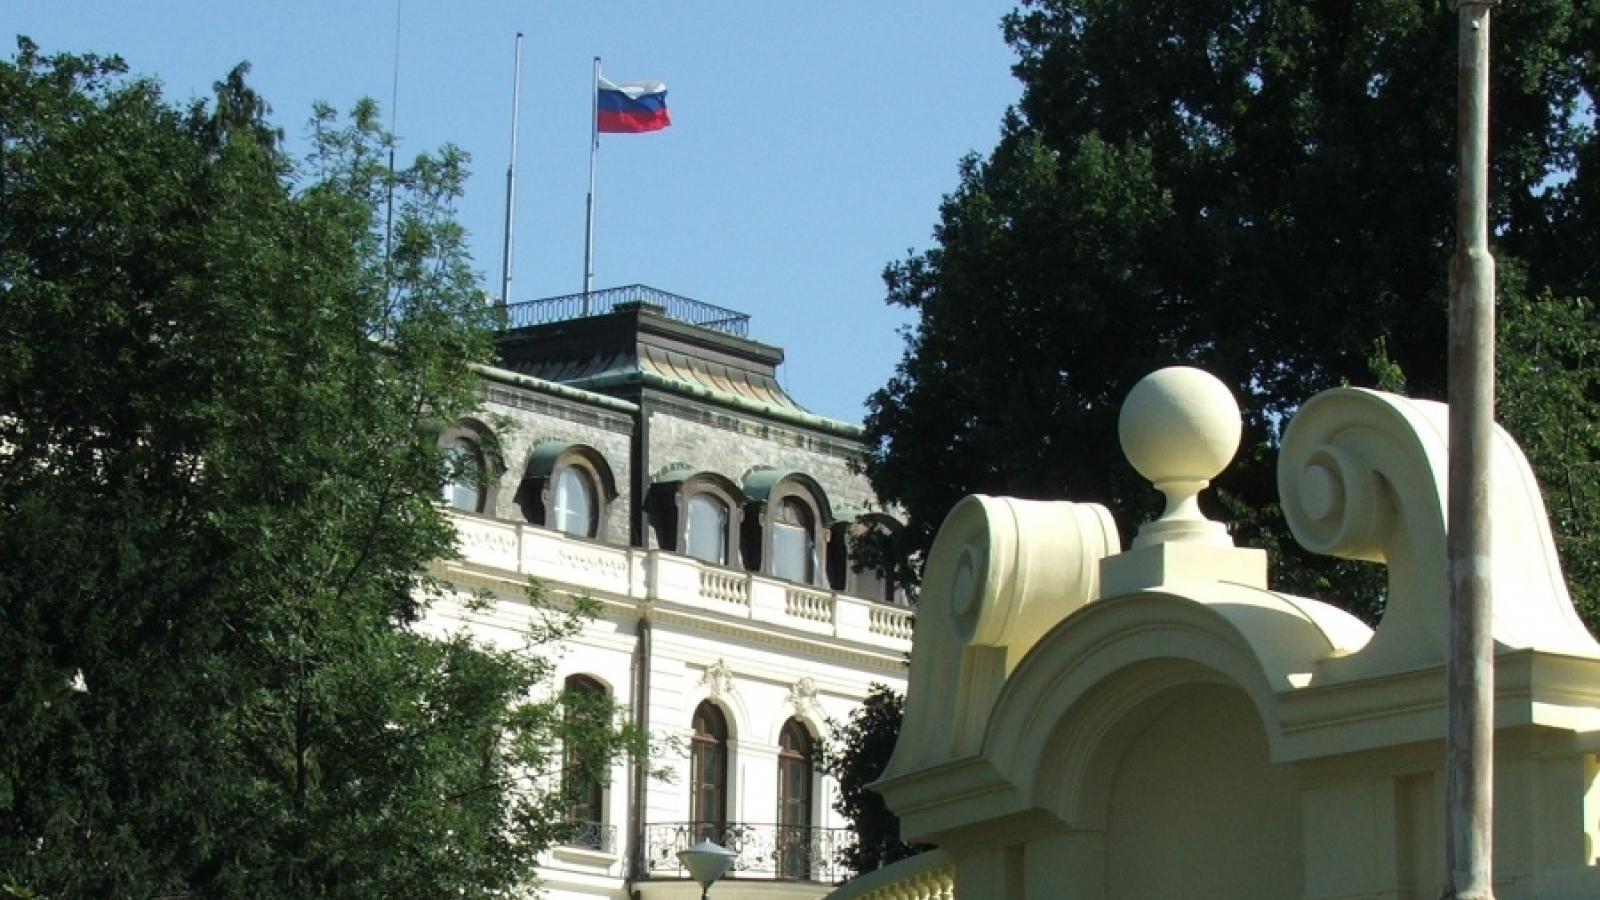 Séc sẽ trục xuất khoảng 40 nhà ngoại giao Nga